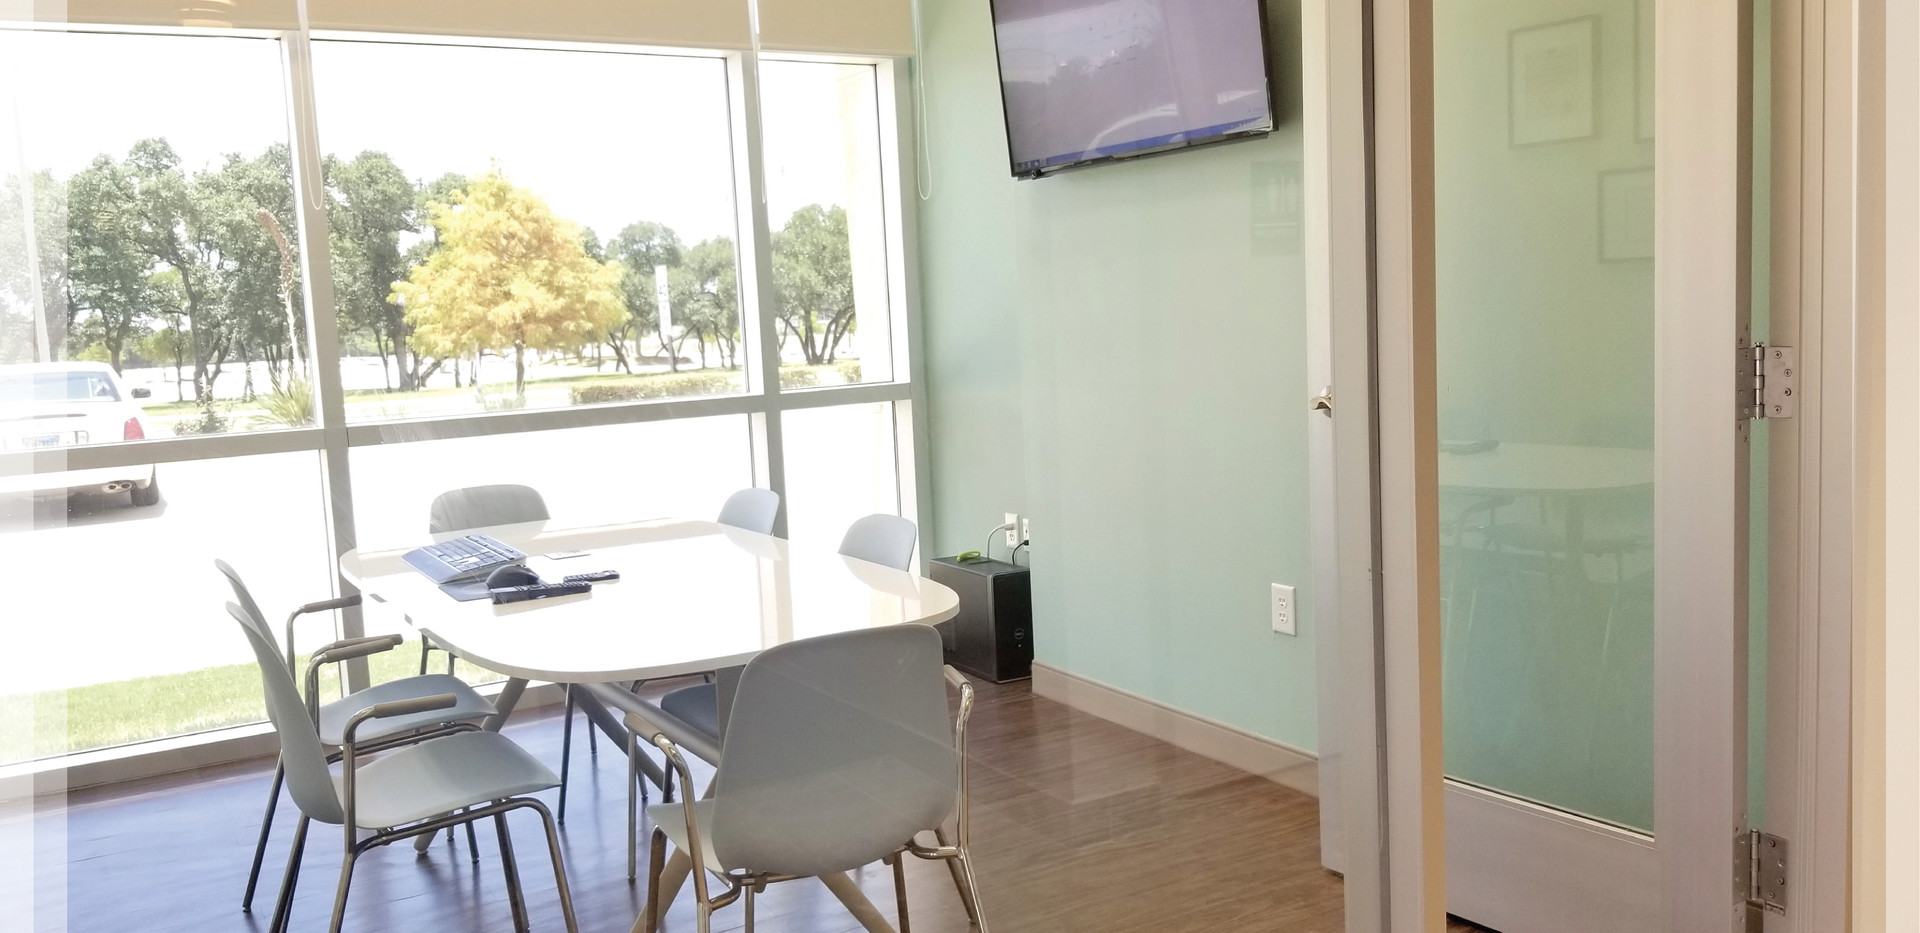 Blooming Dental Office